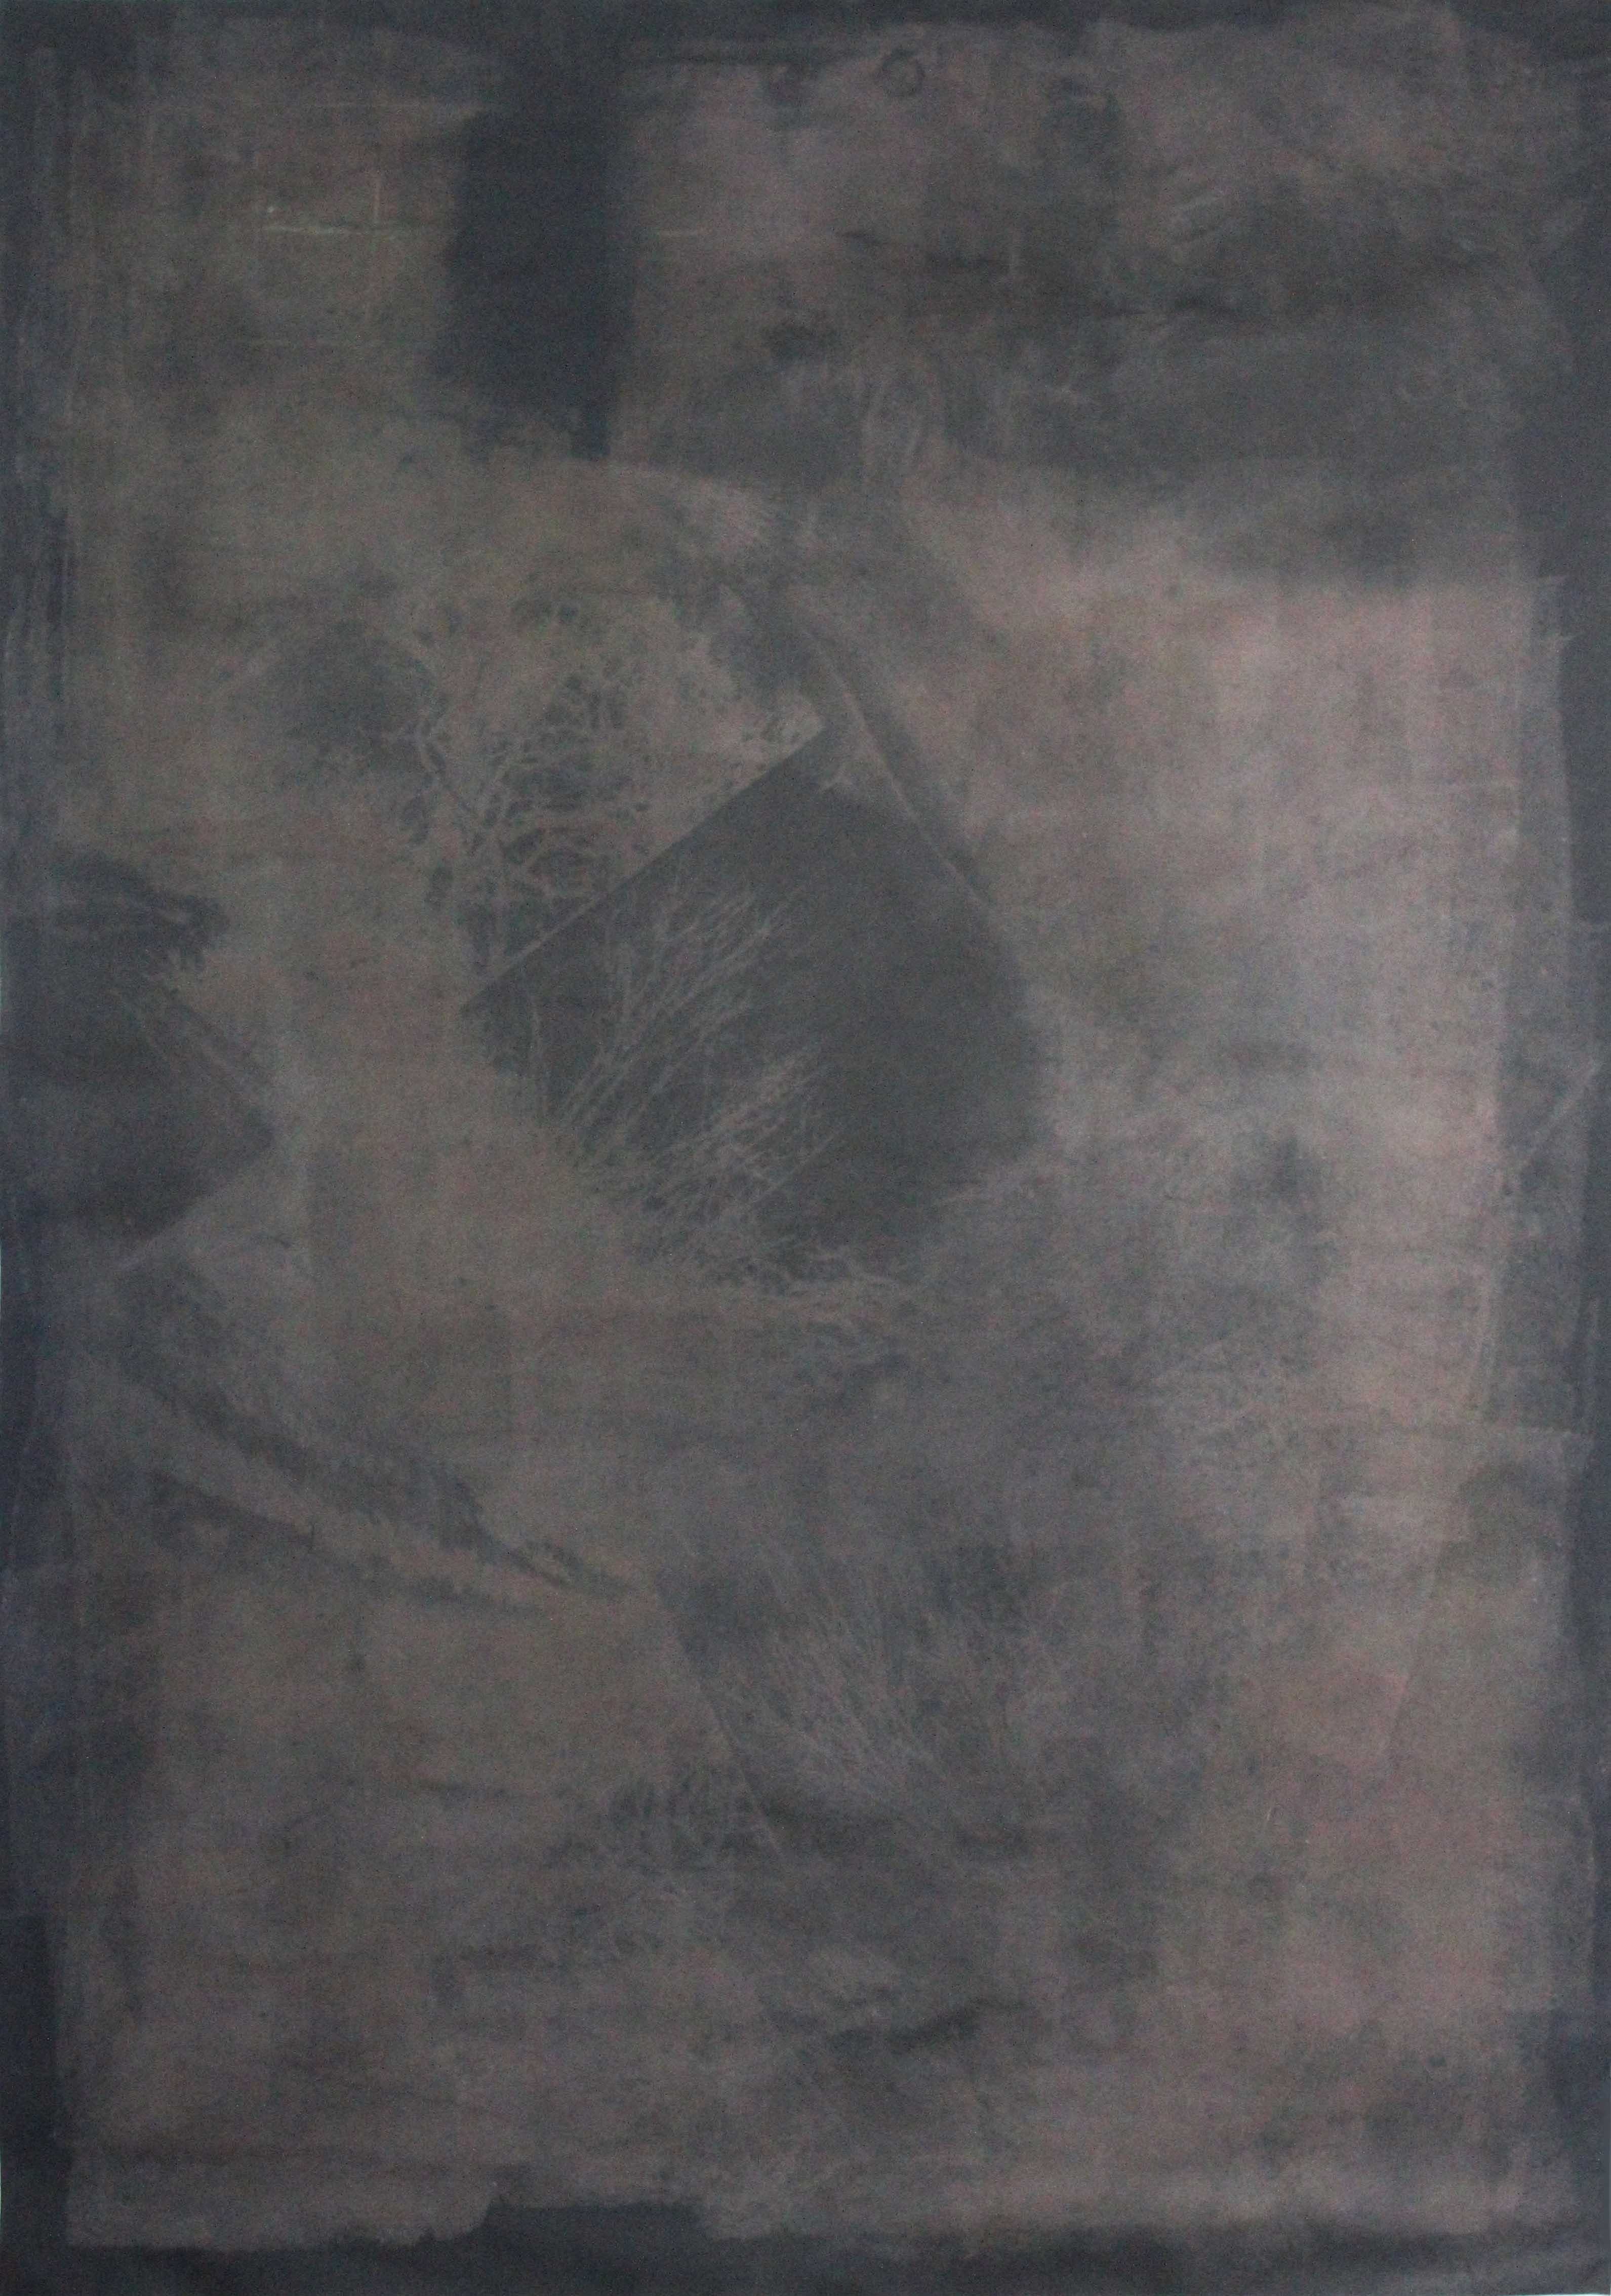 Révéler, 2015